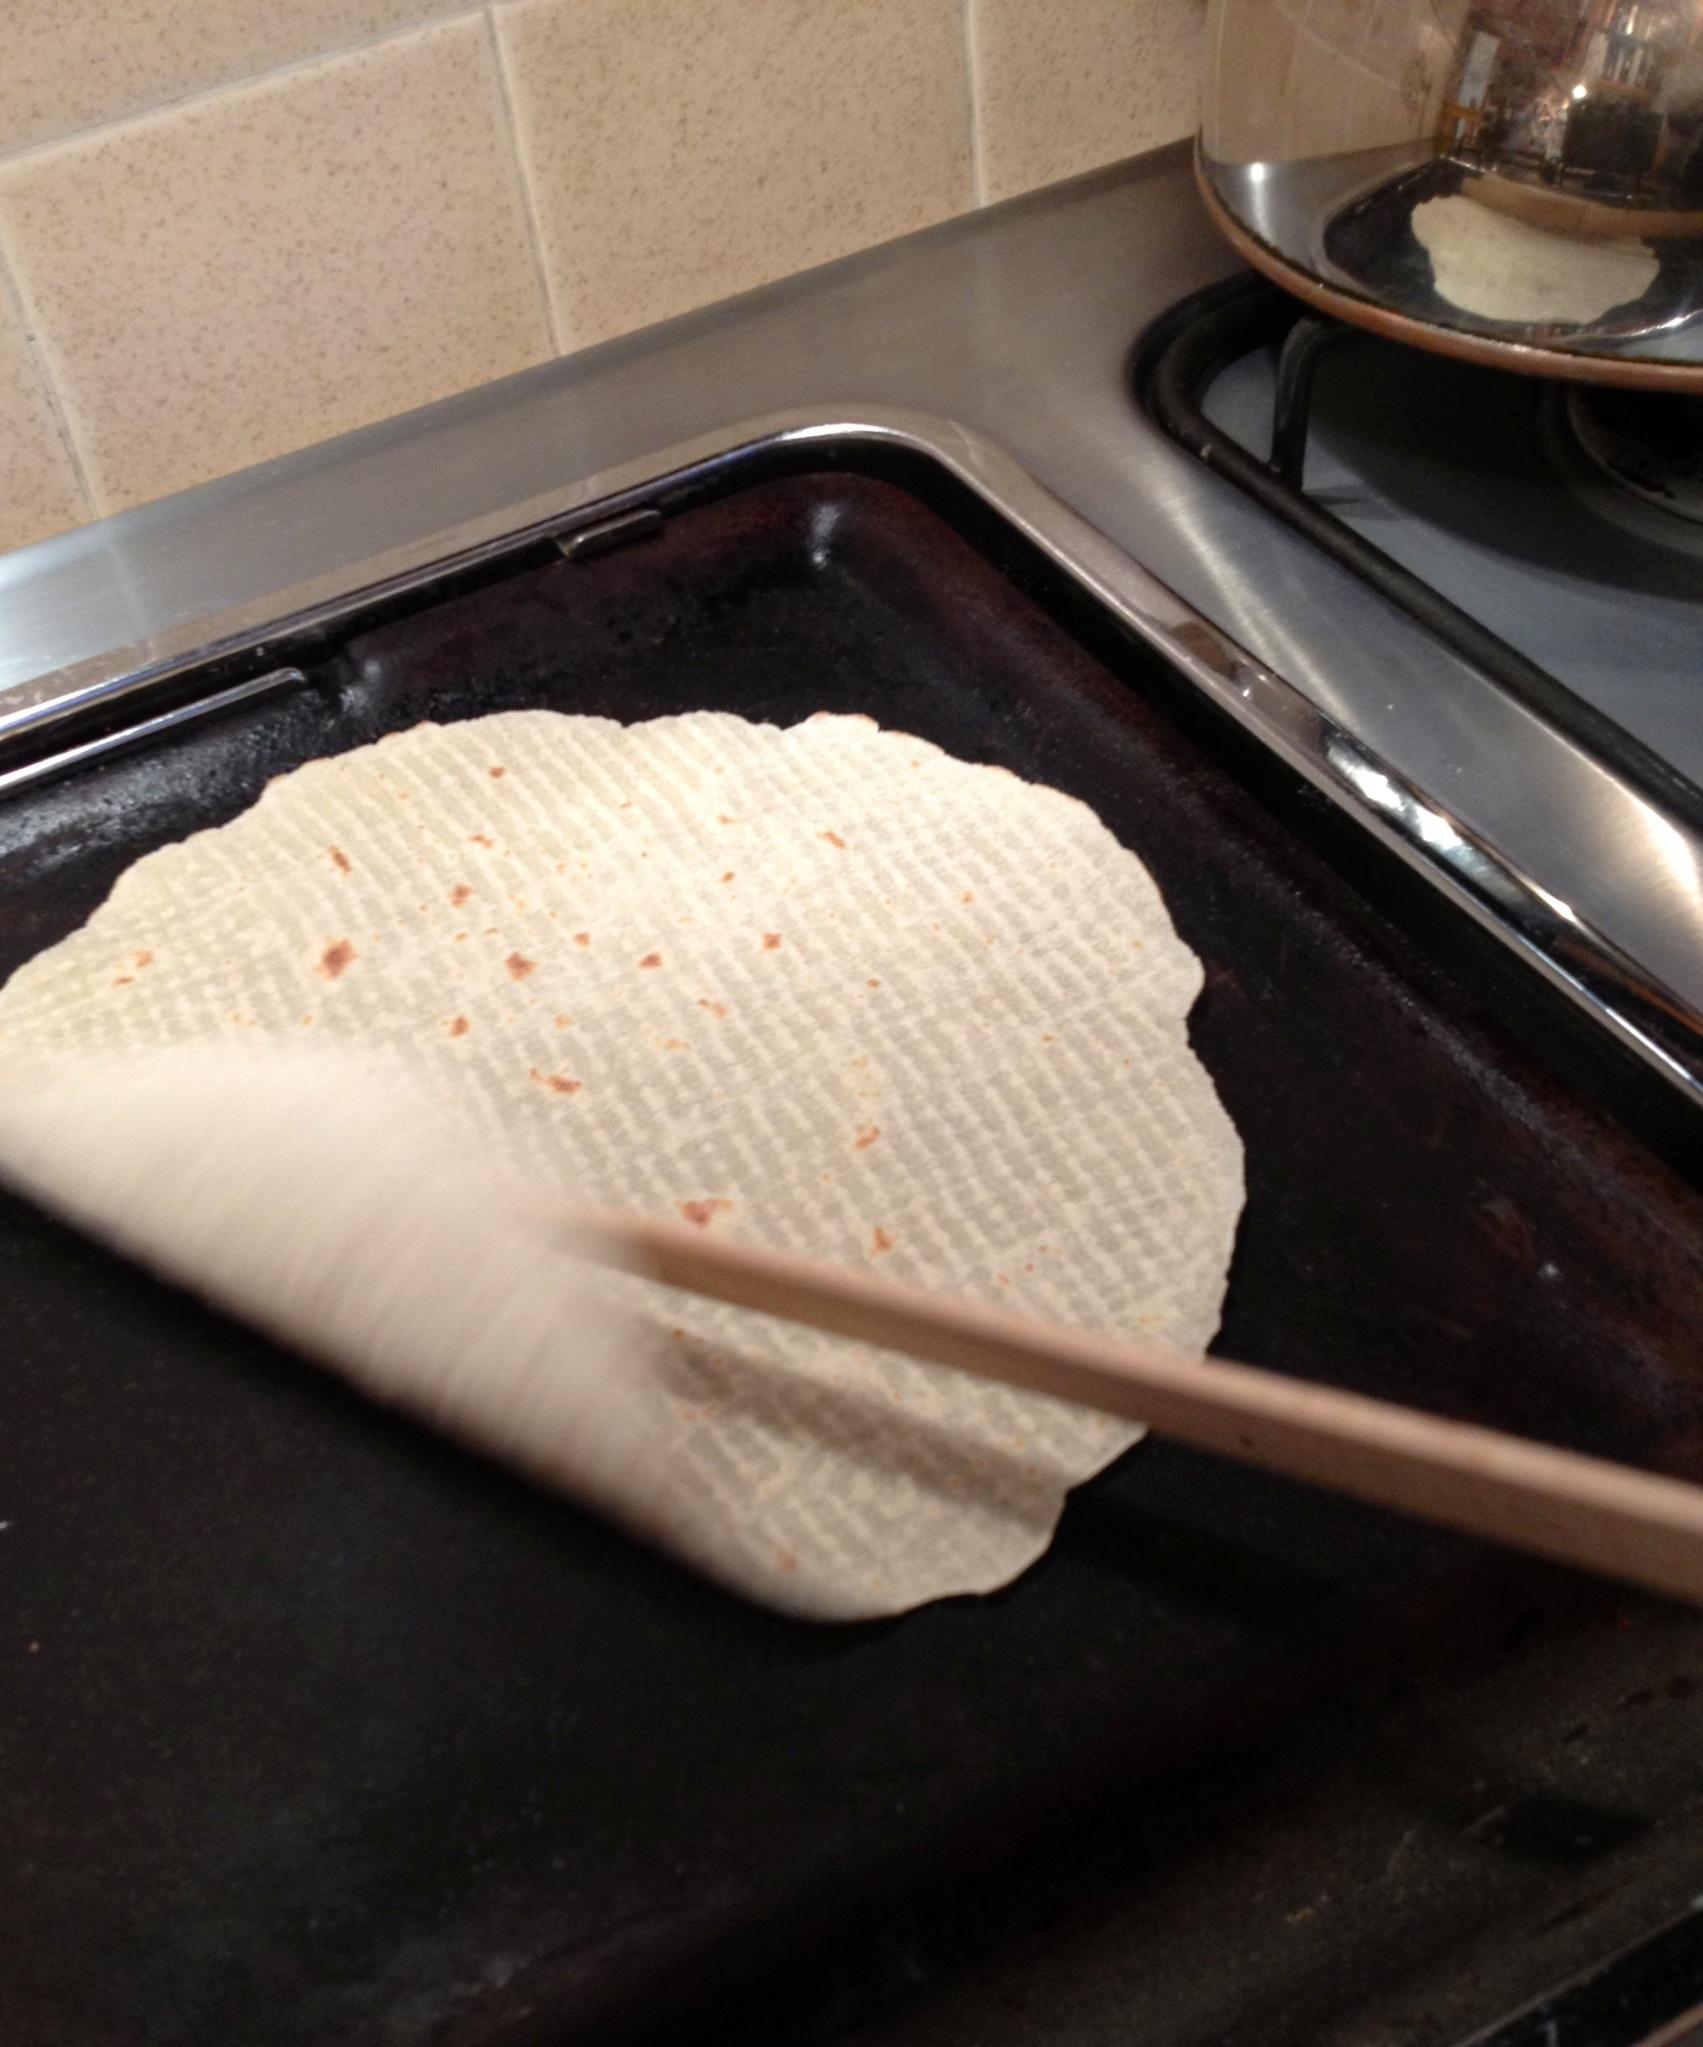 Making lefsa for Thanksgiving